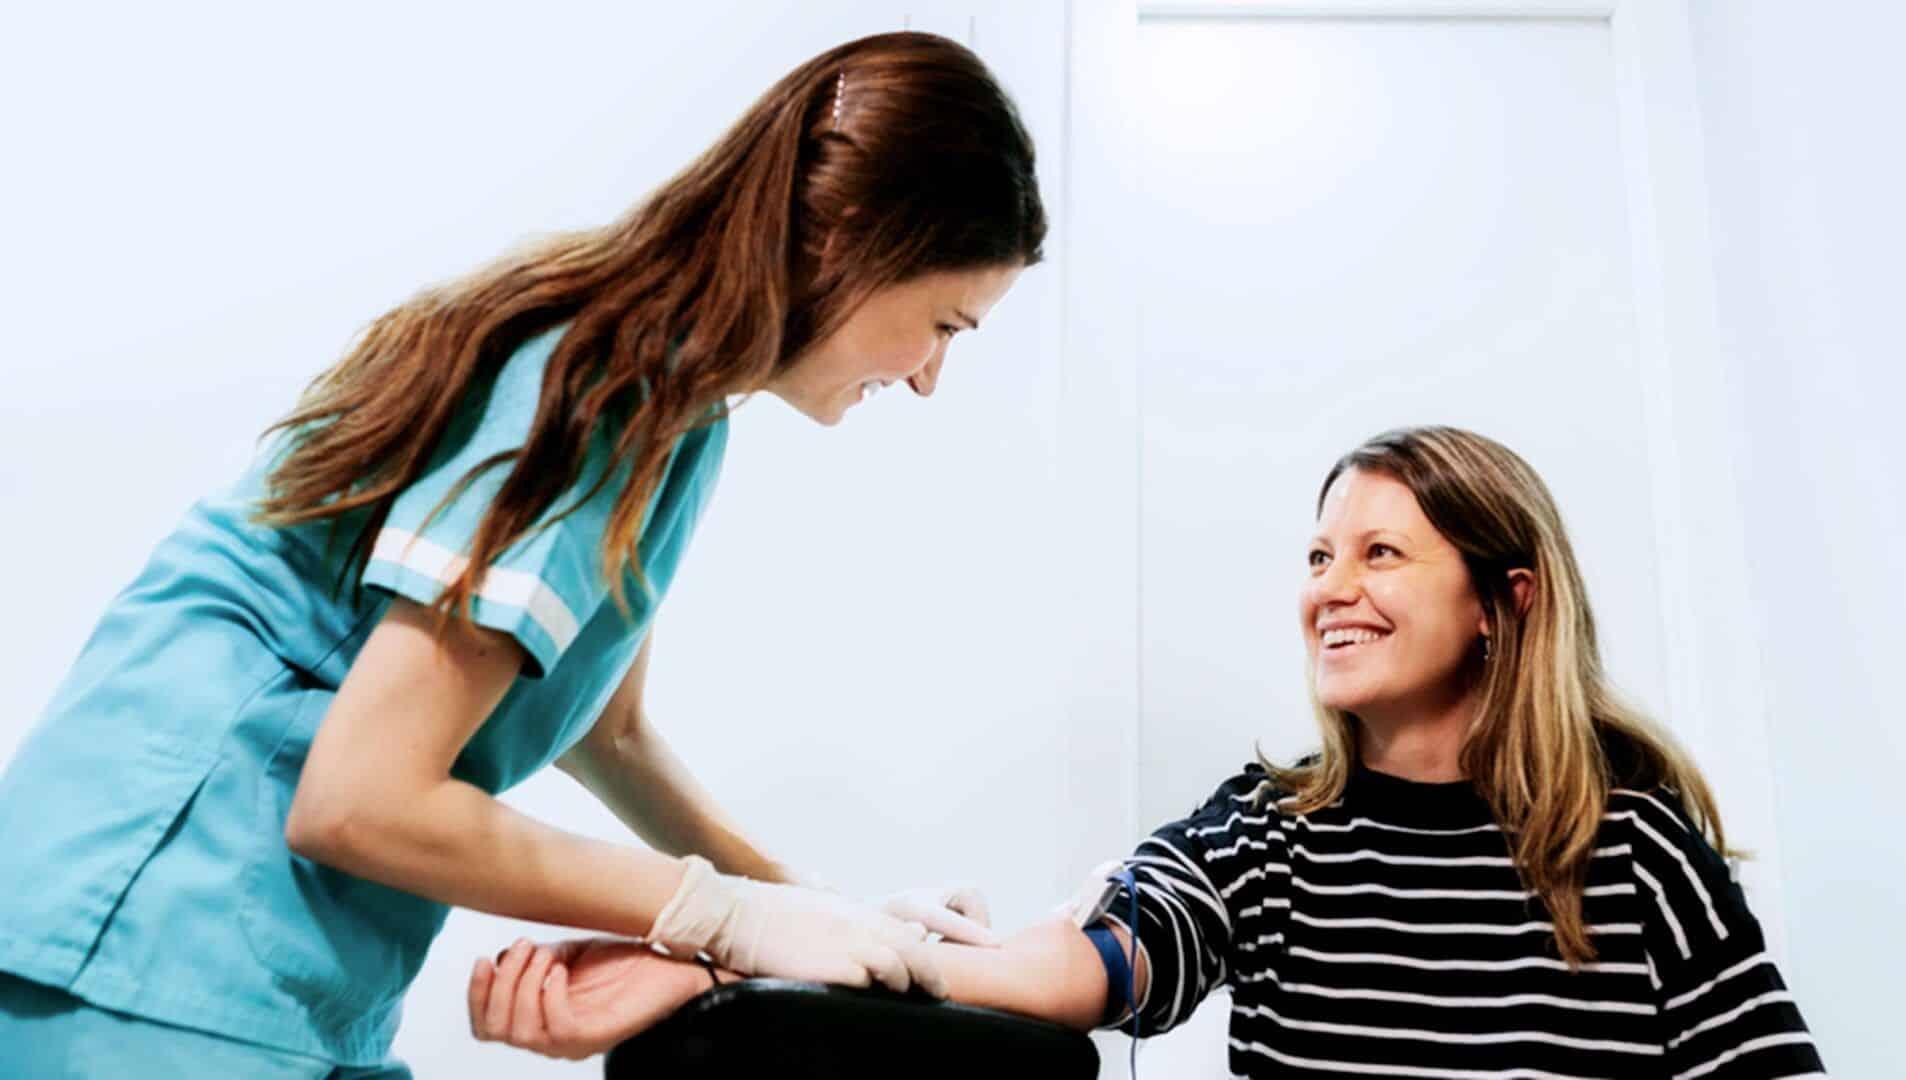 Fobia de agulha - principais sintomas e tratamentos para a condição